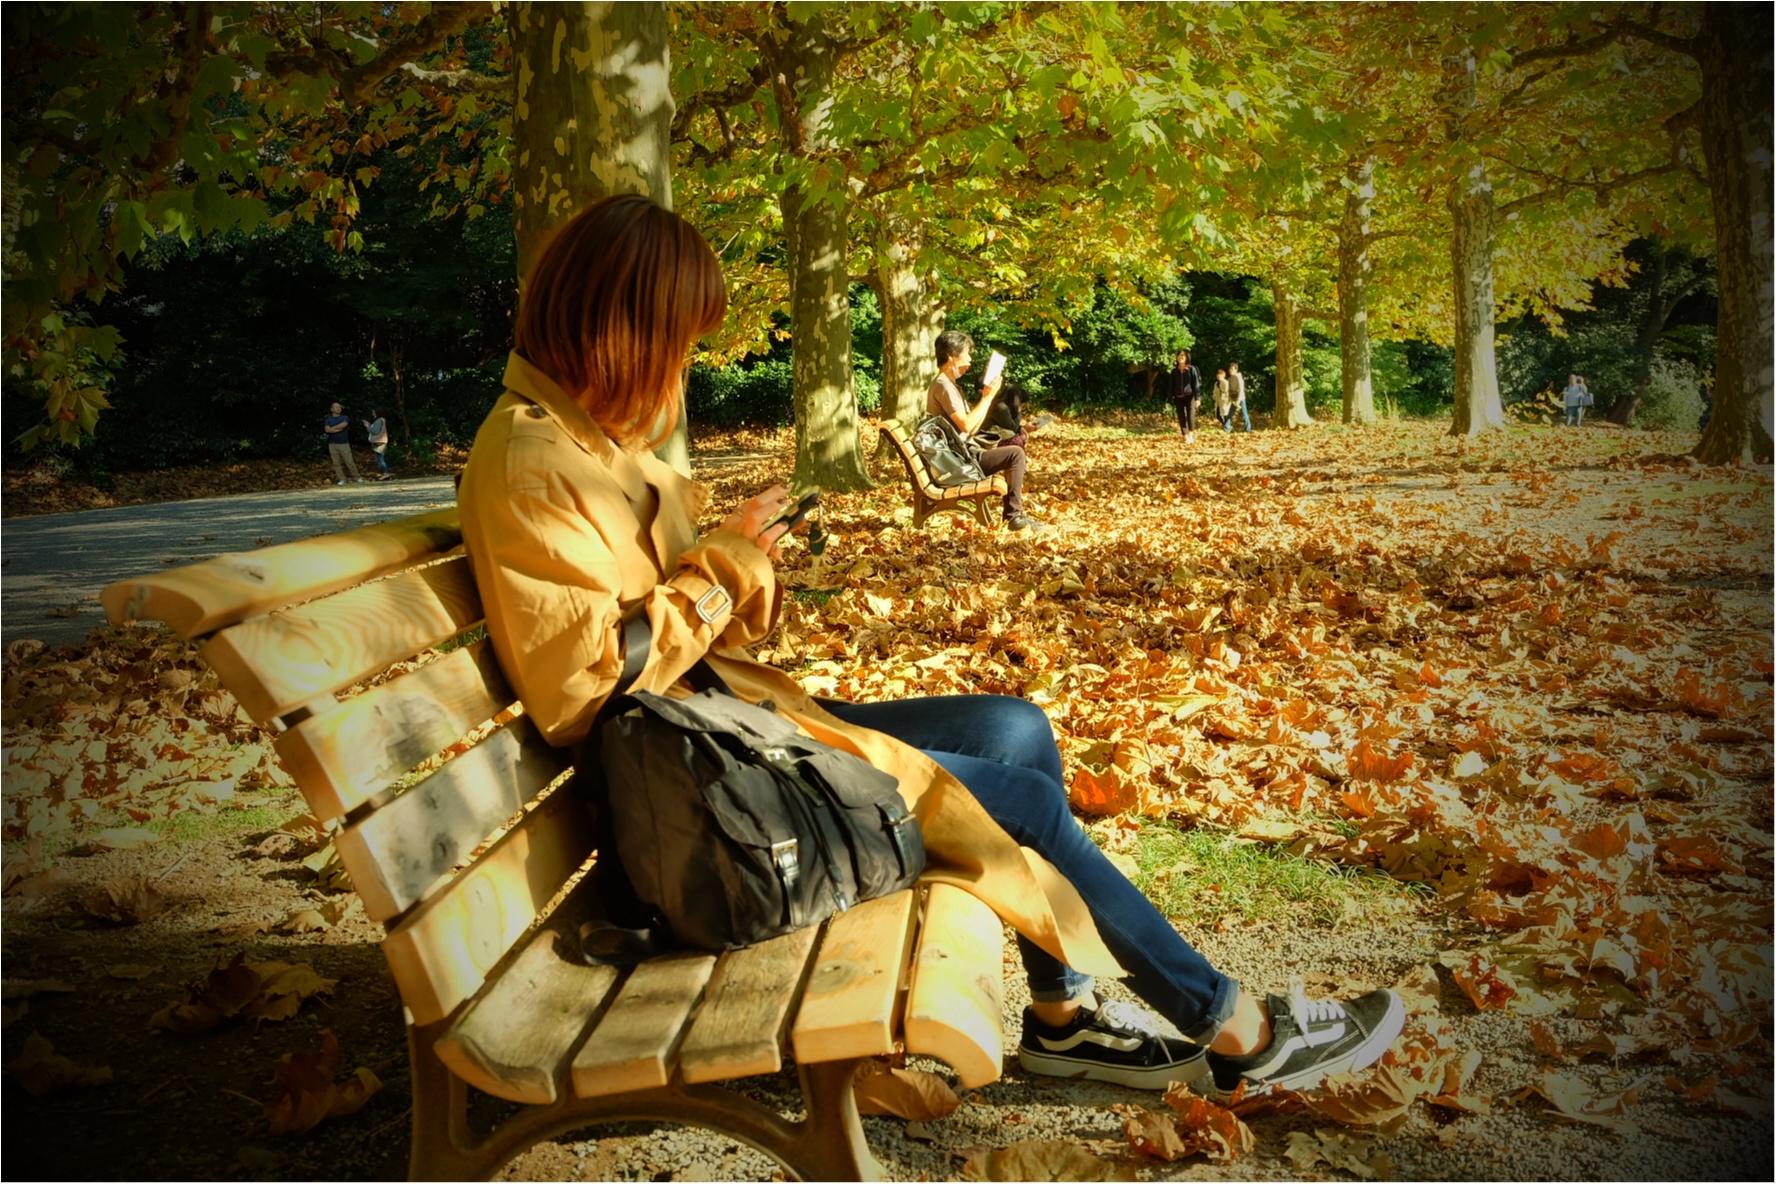 東京でも絶景の紅葉が!《新宿御苑》で秋が始められますよ〜!!フォトスポット&コーディネートも合わせてご紹介!_10